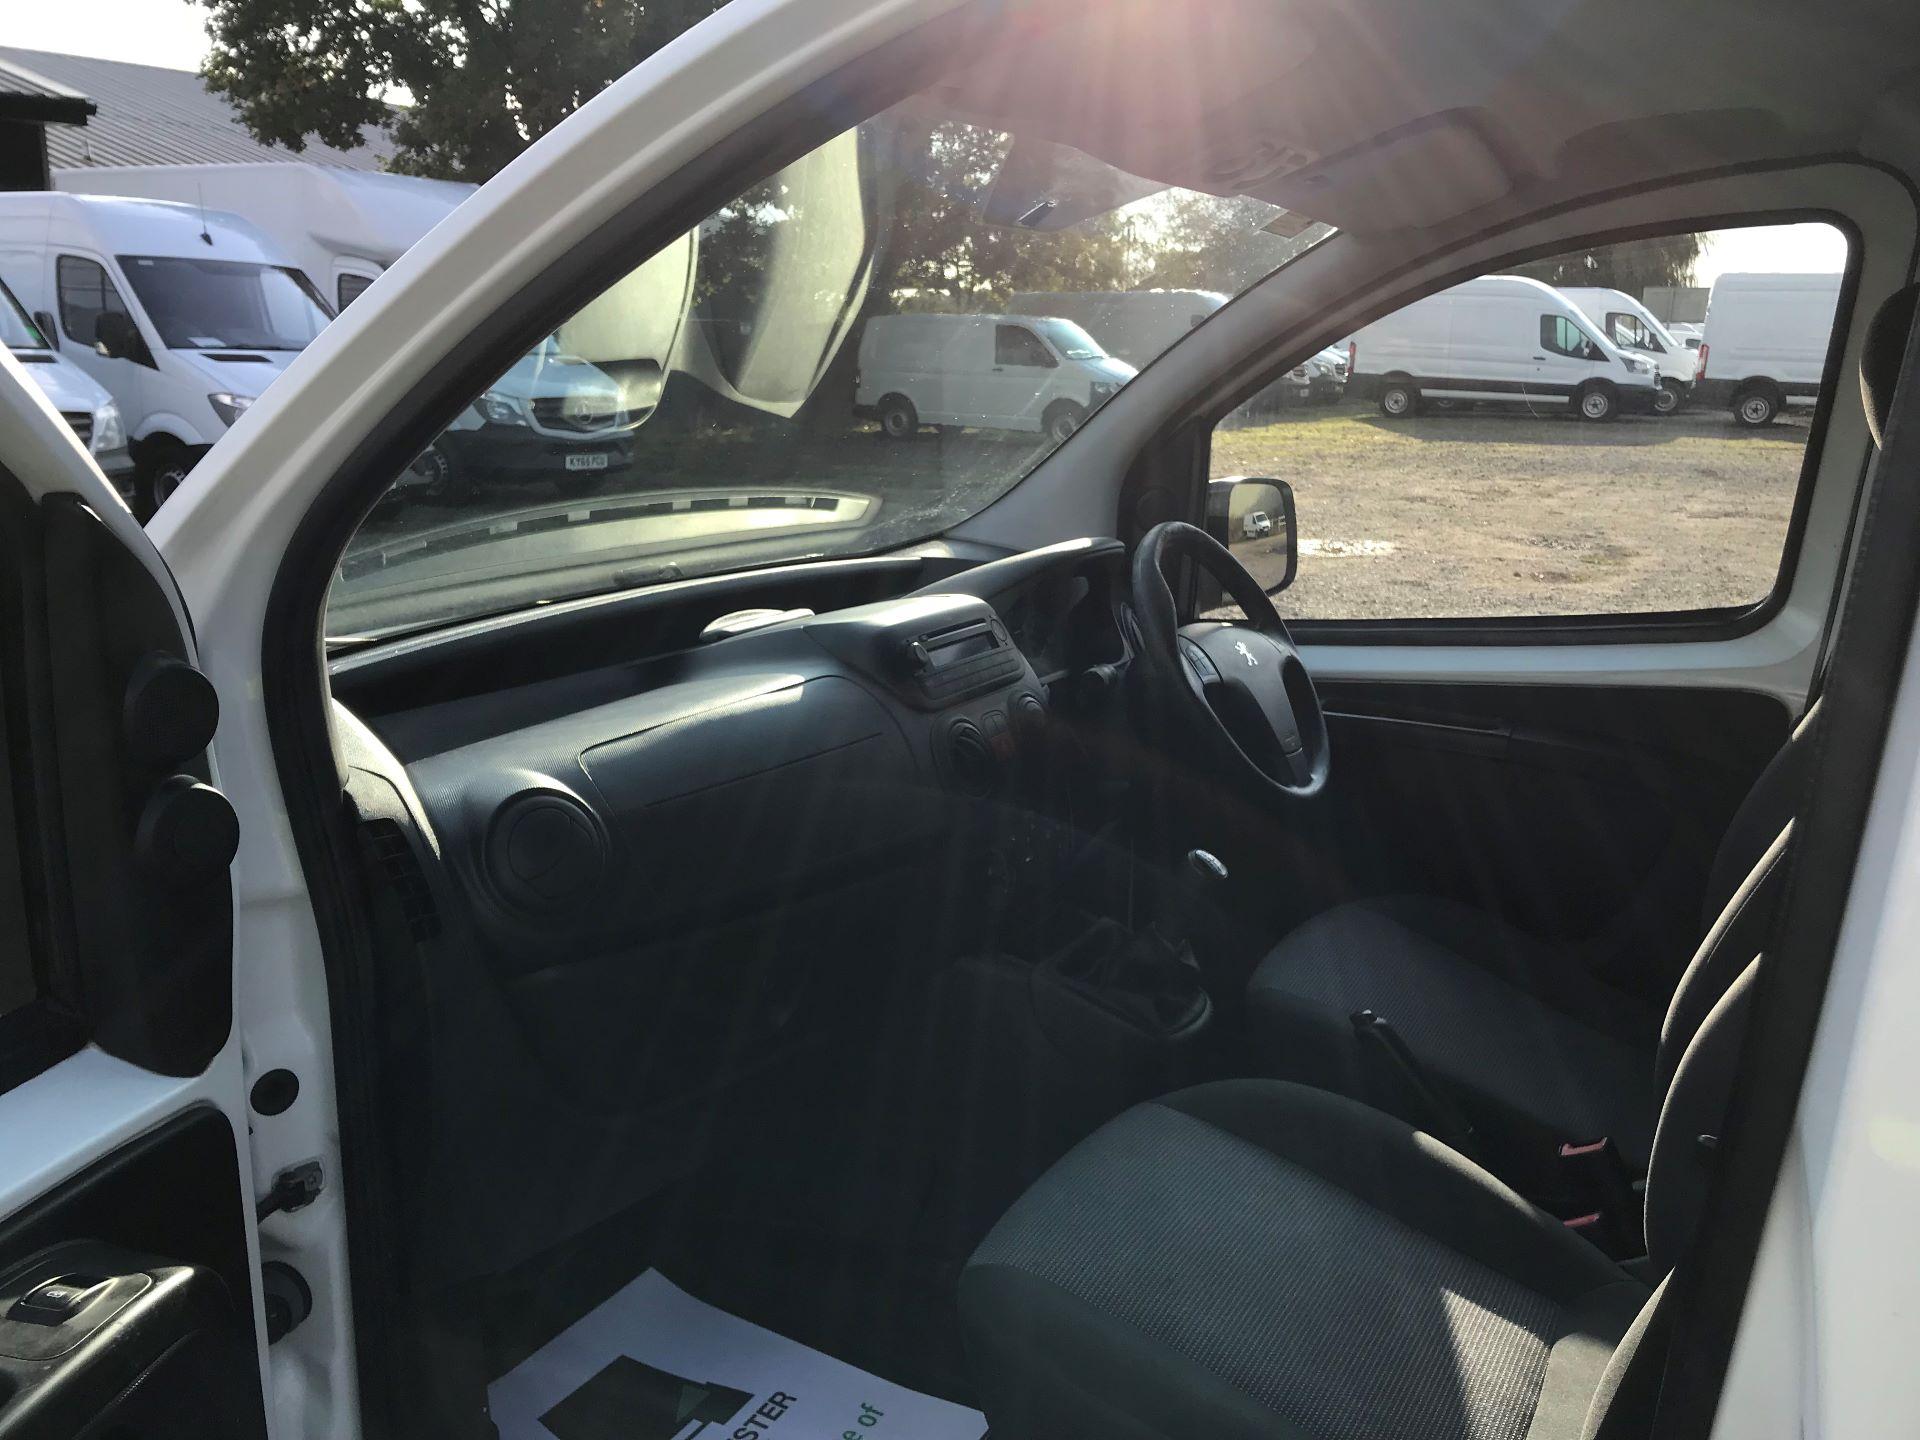 2015 Peugeot Bipper 1.3 HDI 75 S PLUS PACK NON S/S EURO 5 (NX65VCU) Image 13